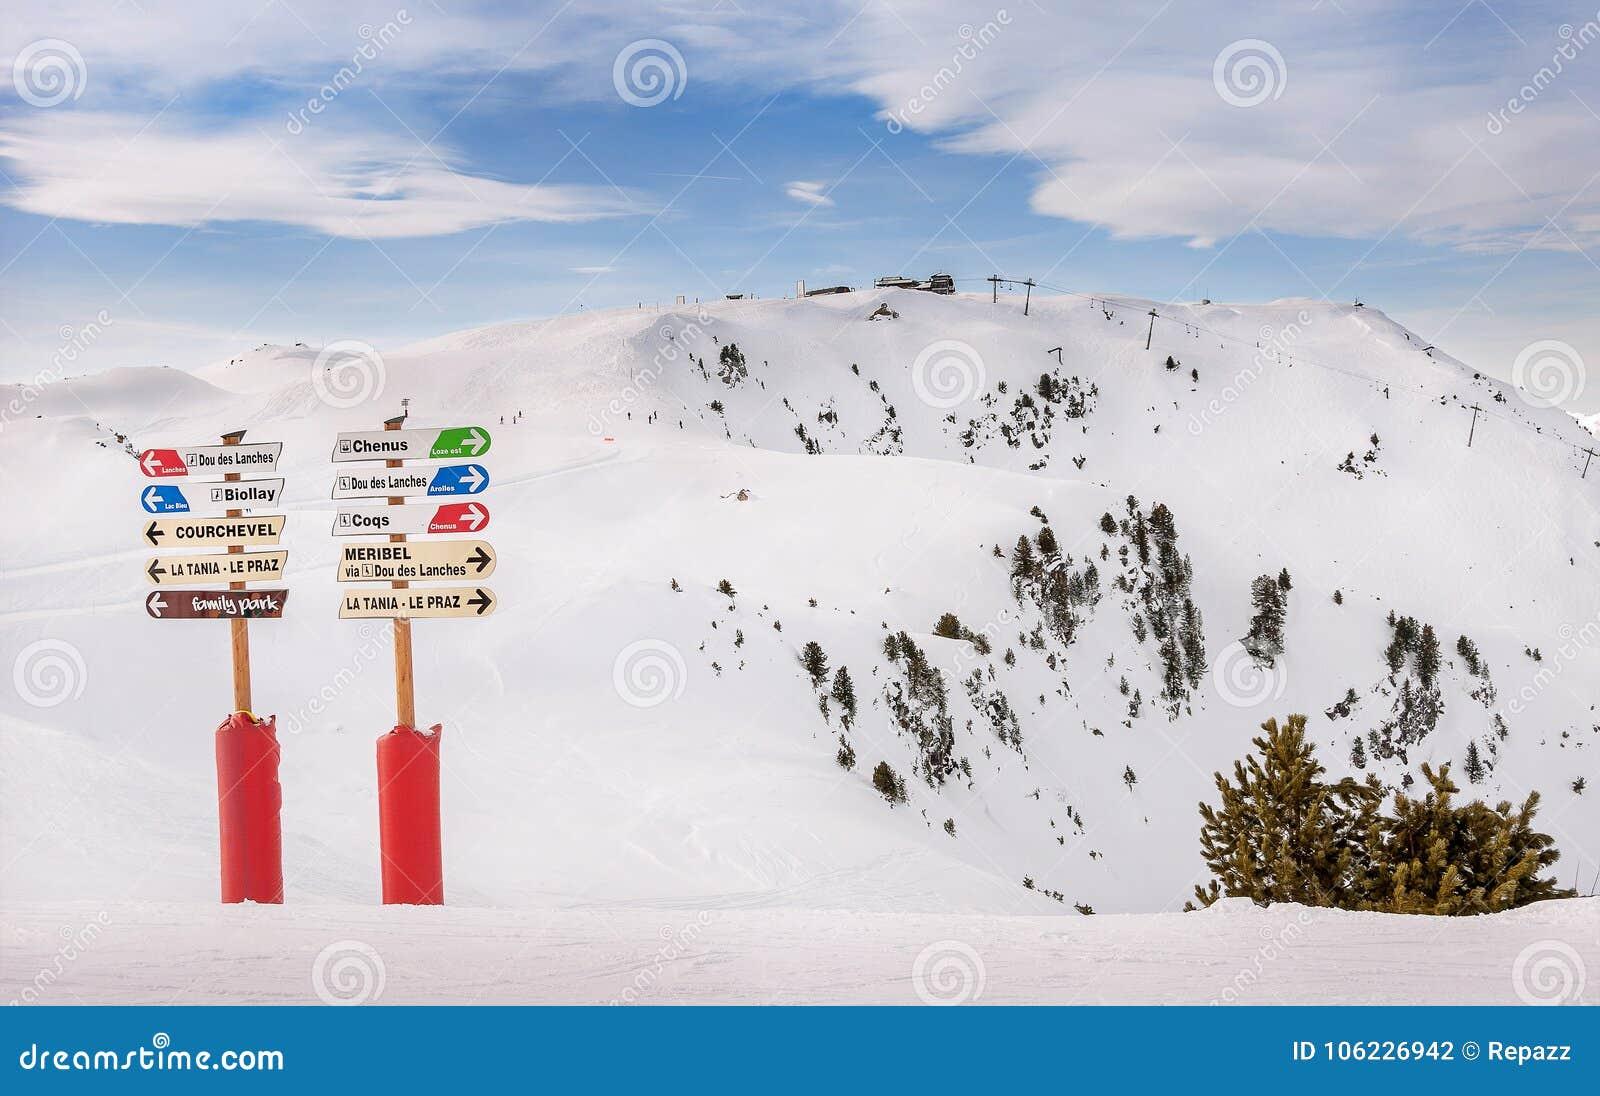 Informatietekens in Ski Resort